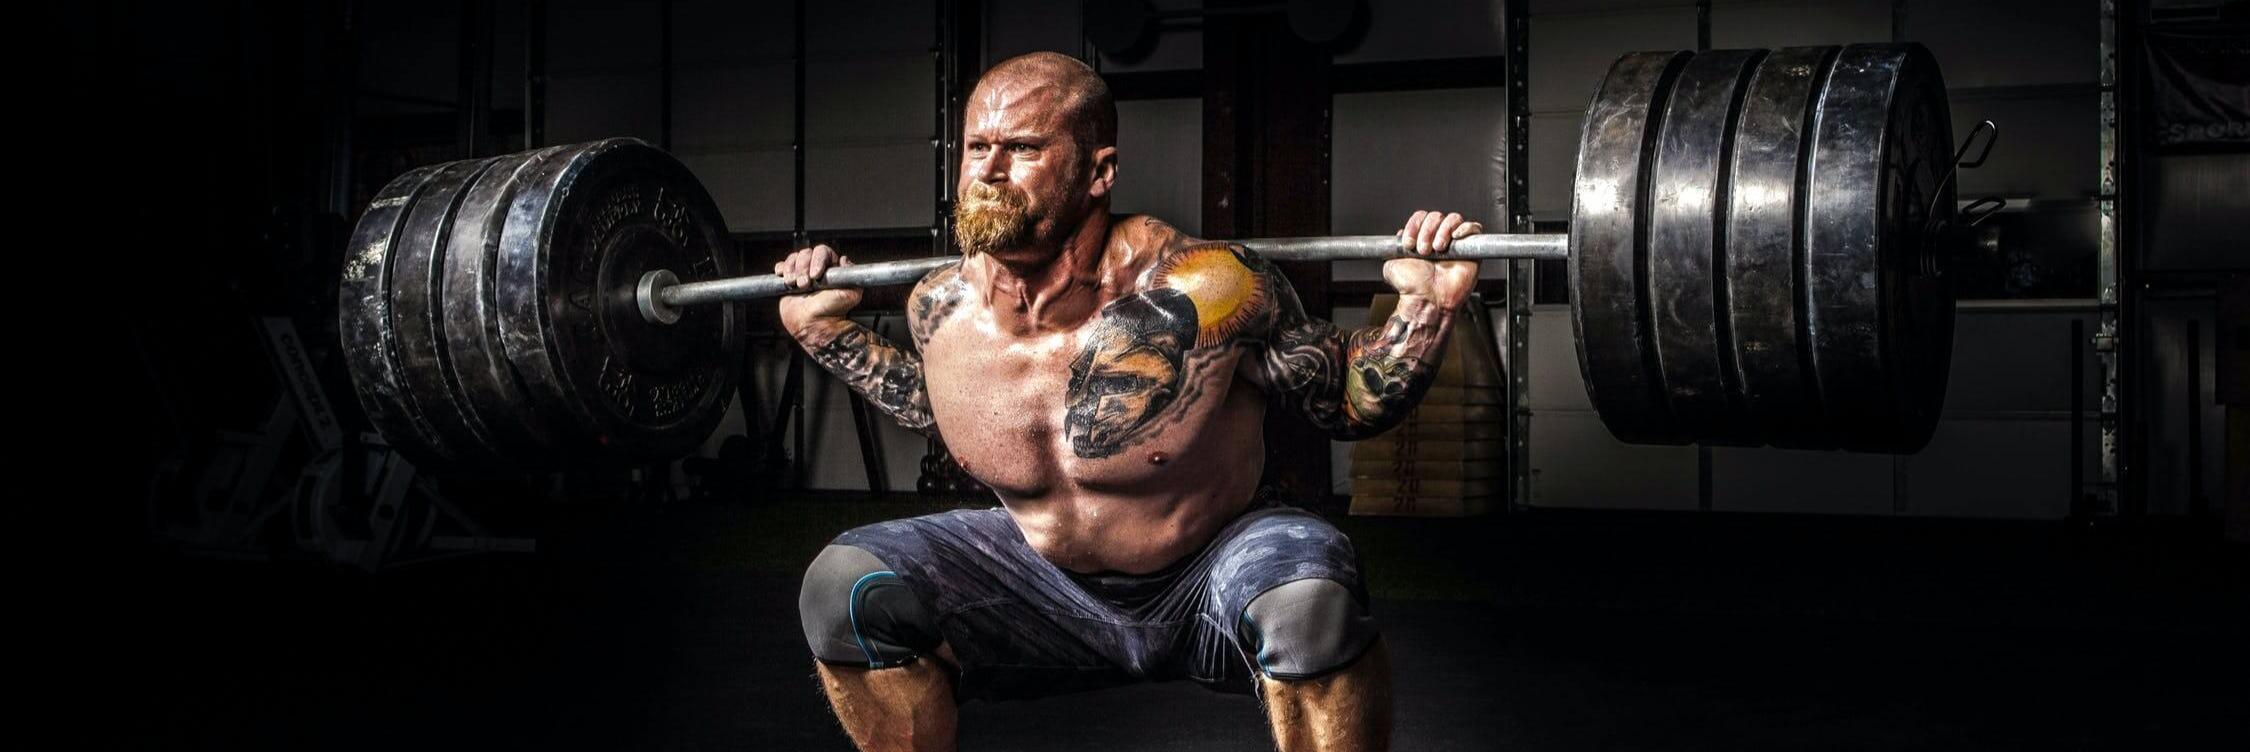 5 Best Leg Exercises For Men